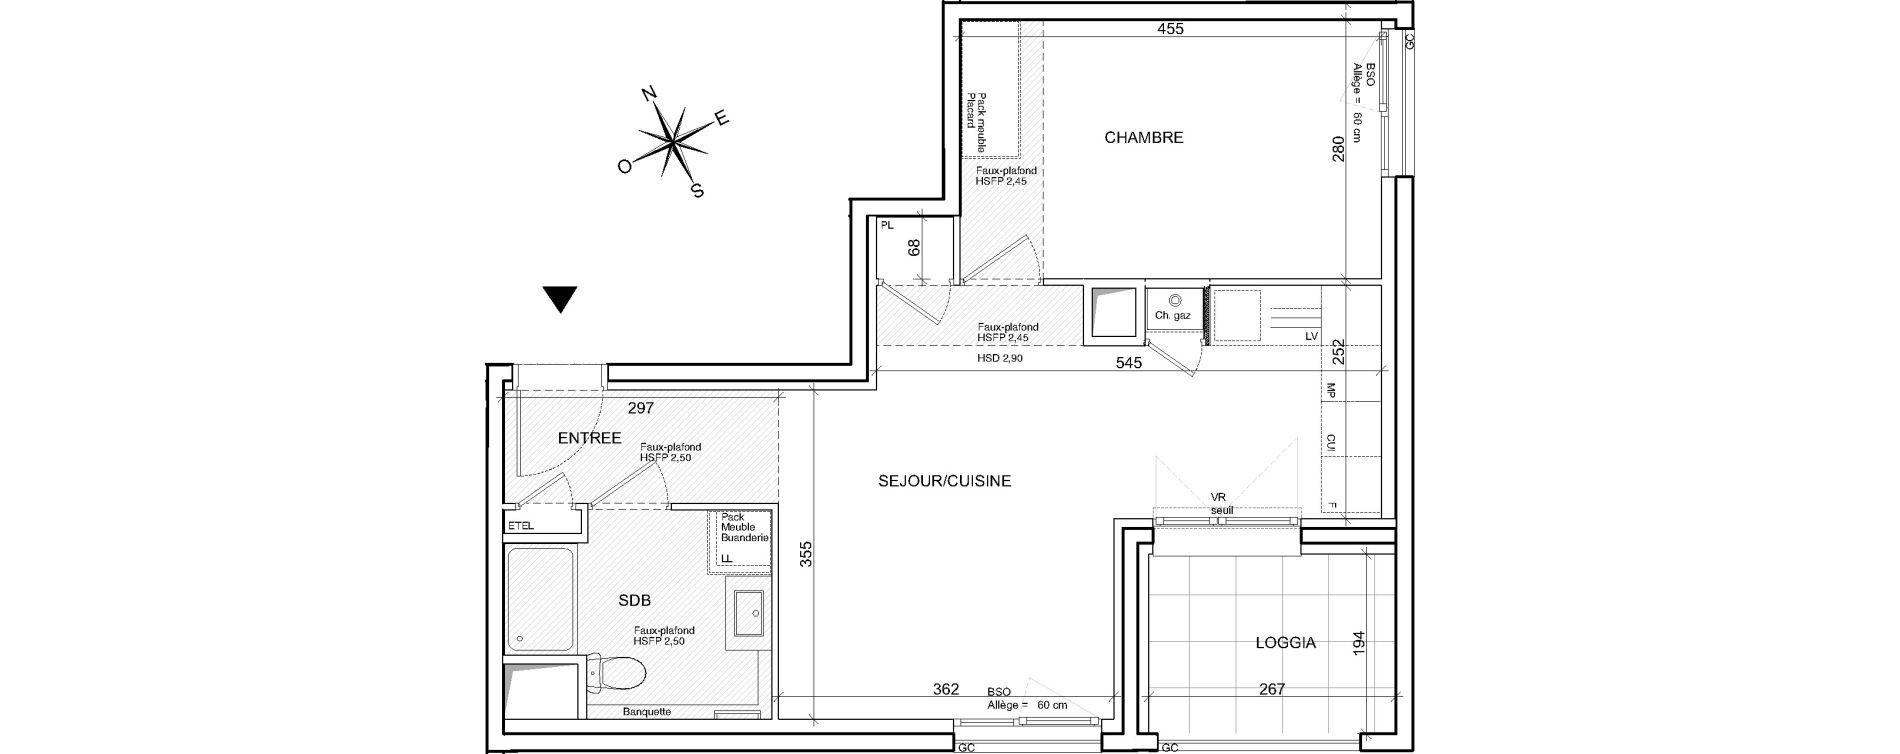 Appartement T2 de 45,41 m2 à Villeurbanne Poudrette les brosses